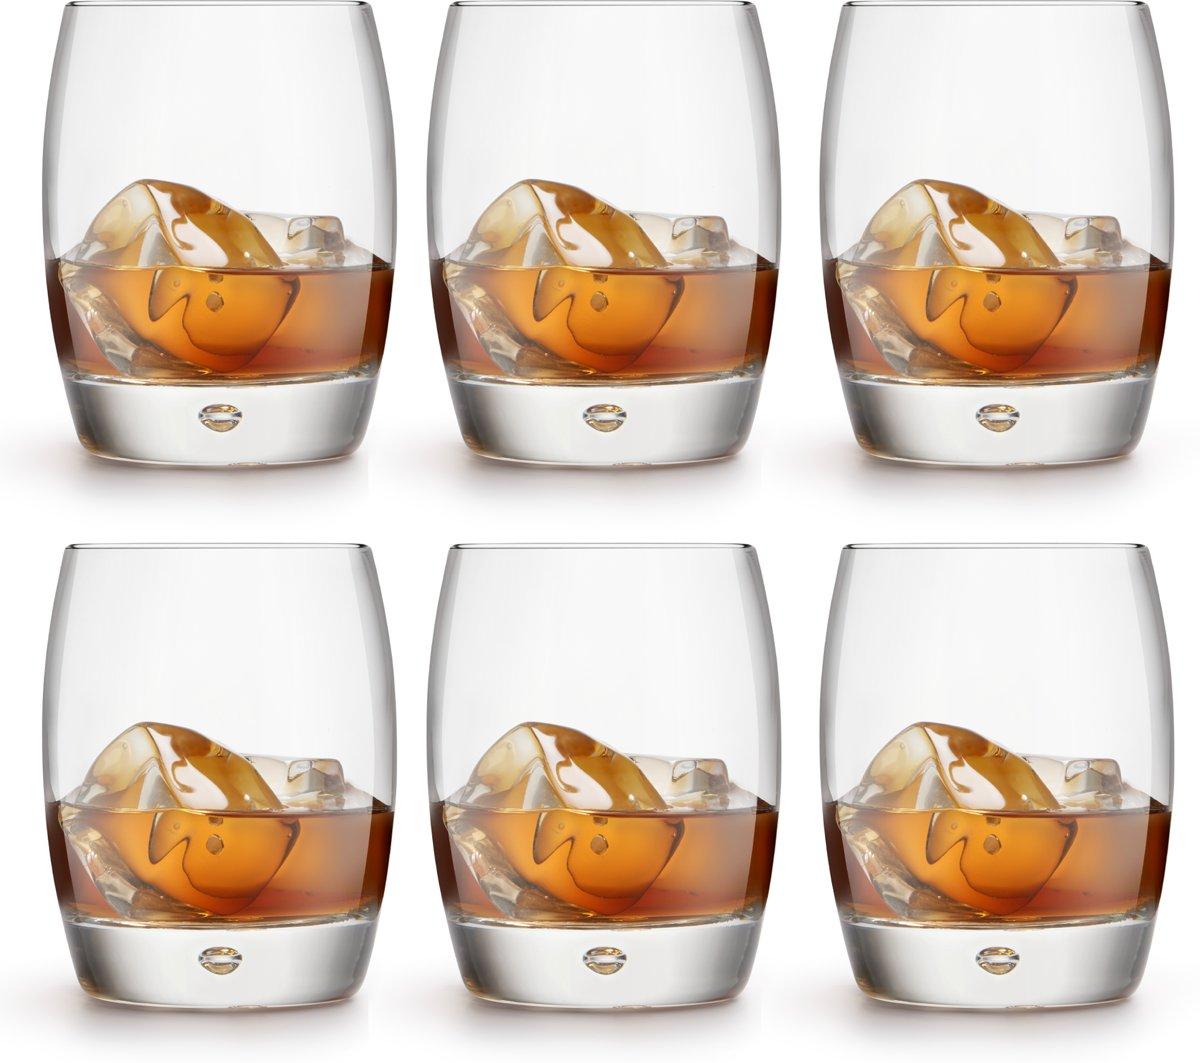 Libbey Whiskyglas – Gles – 36 cl / 360 ml - 6 stuks - hoge kwaliteit - vaatwasserbestendig kopen